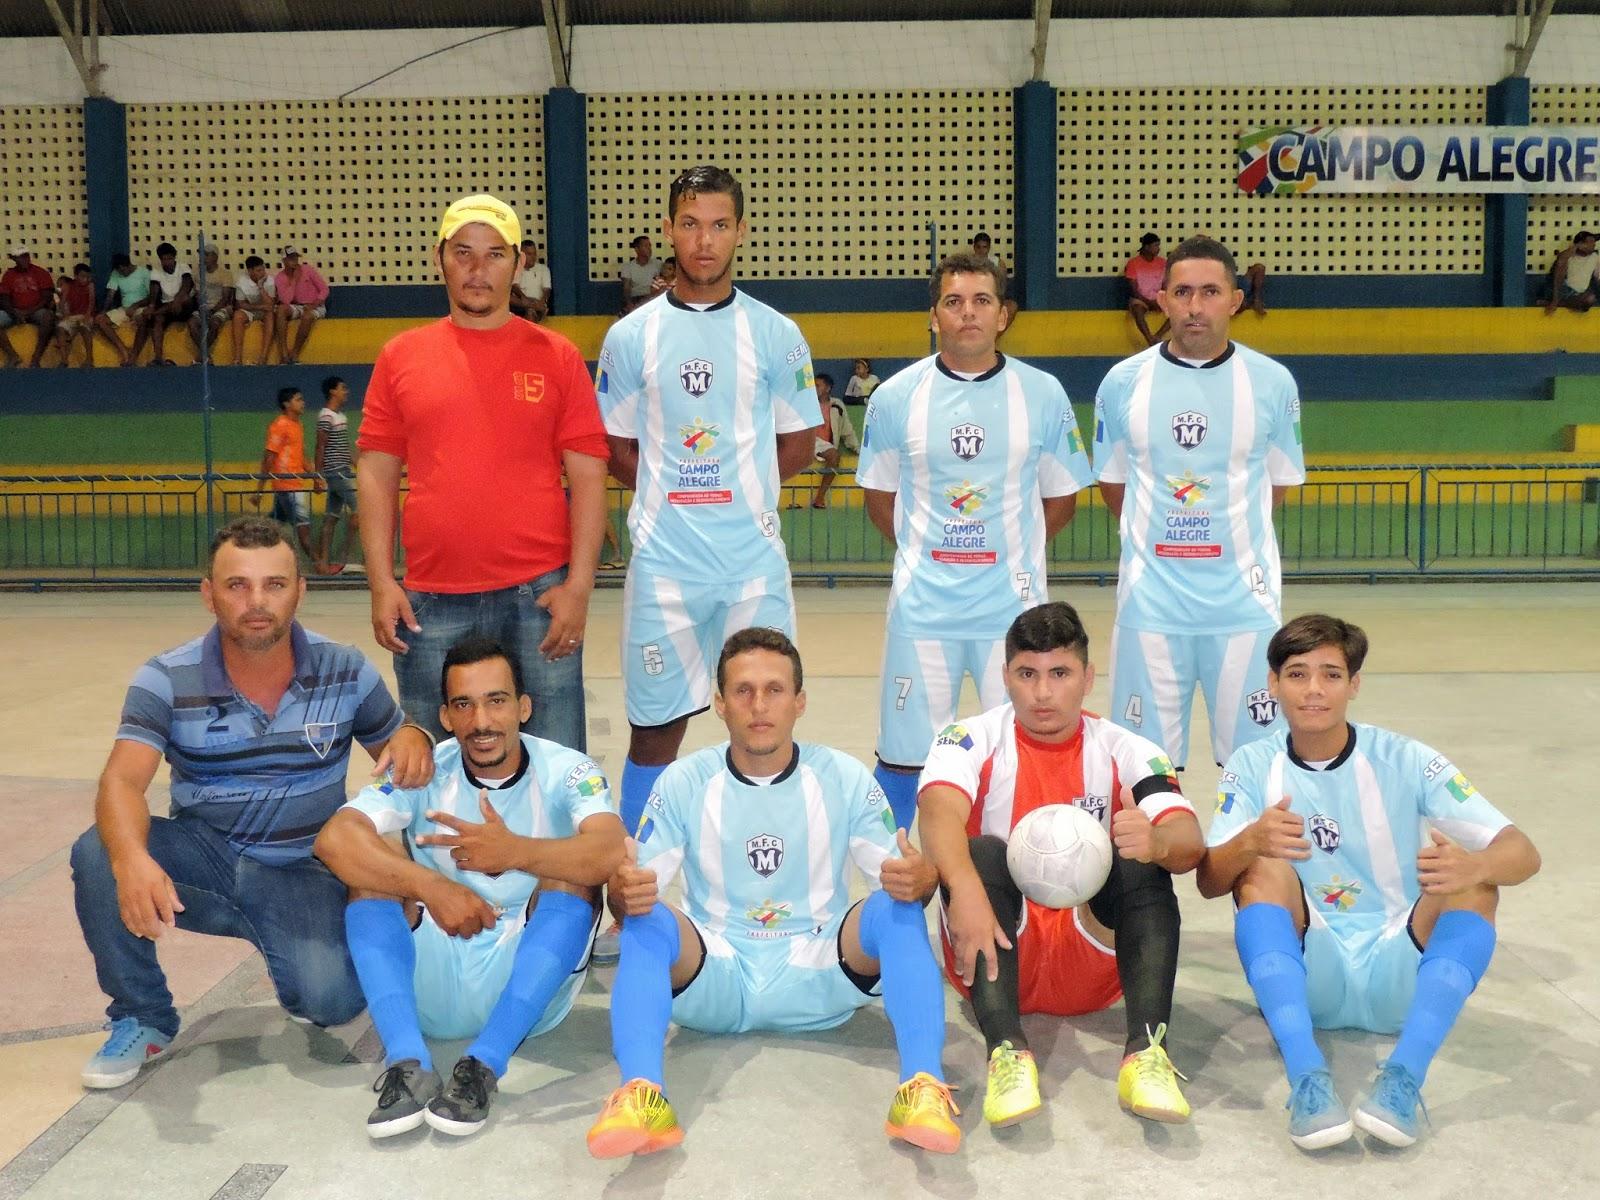 6fbda6814f O Campeonato Municipal de Futsal é promovido pela Prefeitura de Campo  Alegre